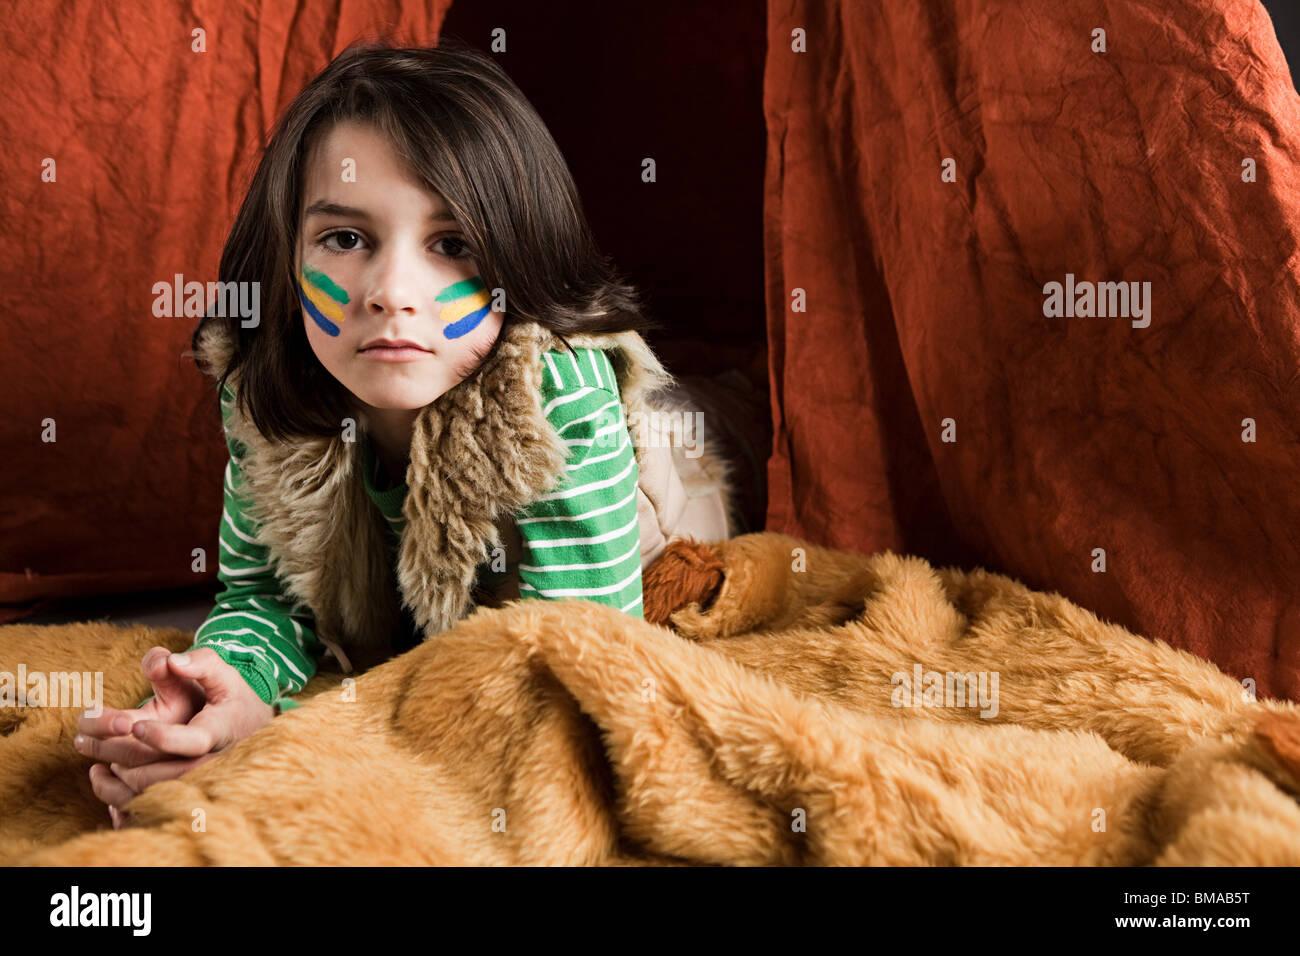 Ragazzo giovane vestito in Native American outfit Immagini Stock